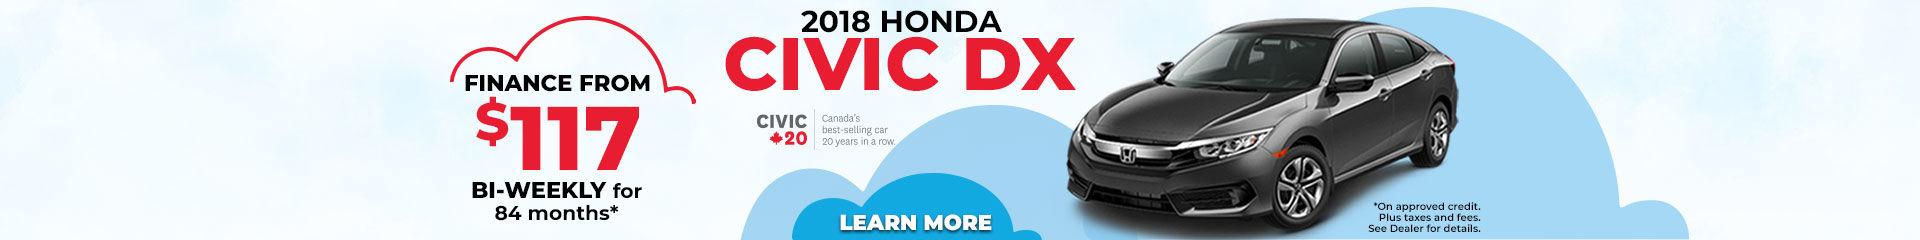 Finance the 2018 Honda Civic DX